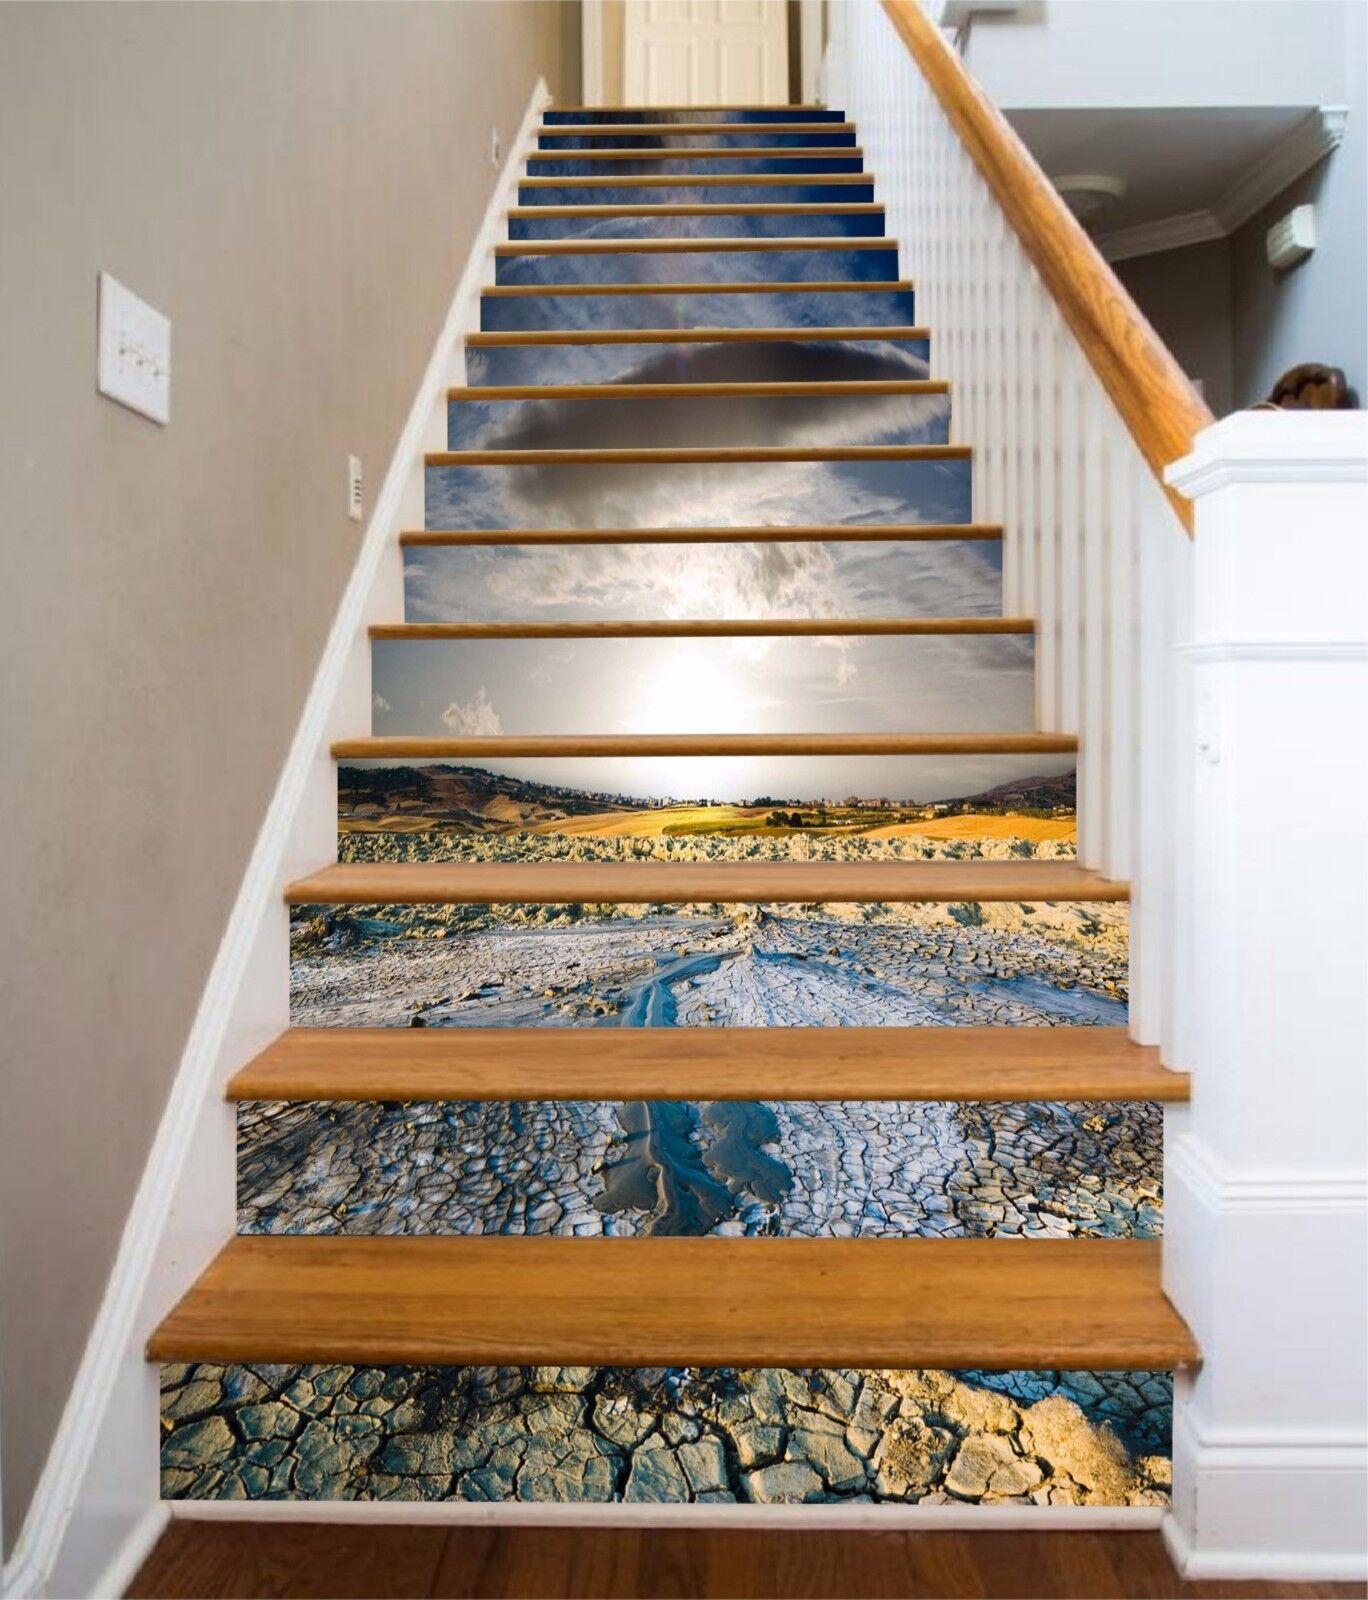 3D Dry Lake View 3 escaliers contremarches Décoration Photo Murale Autocollant Vinyle Papier Peint US